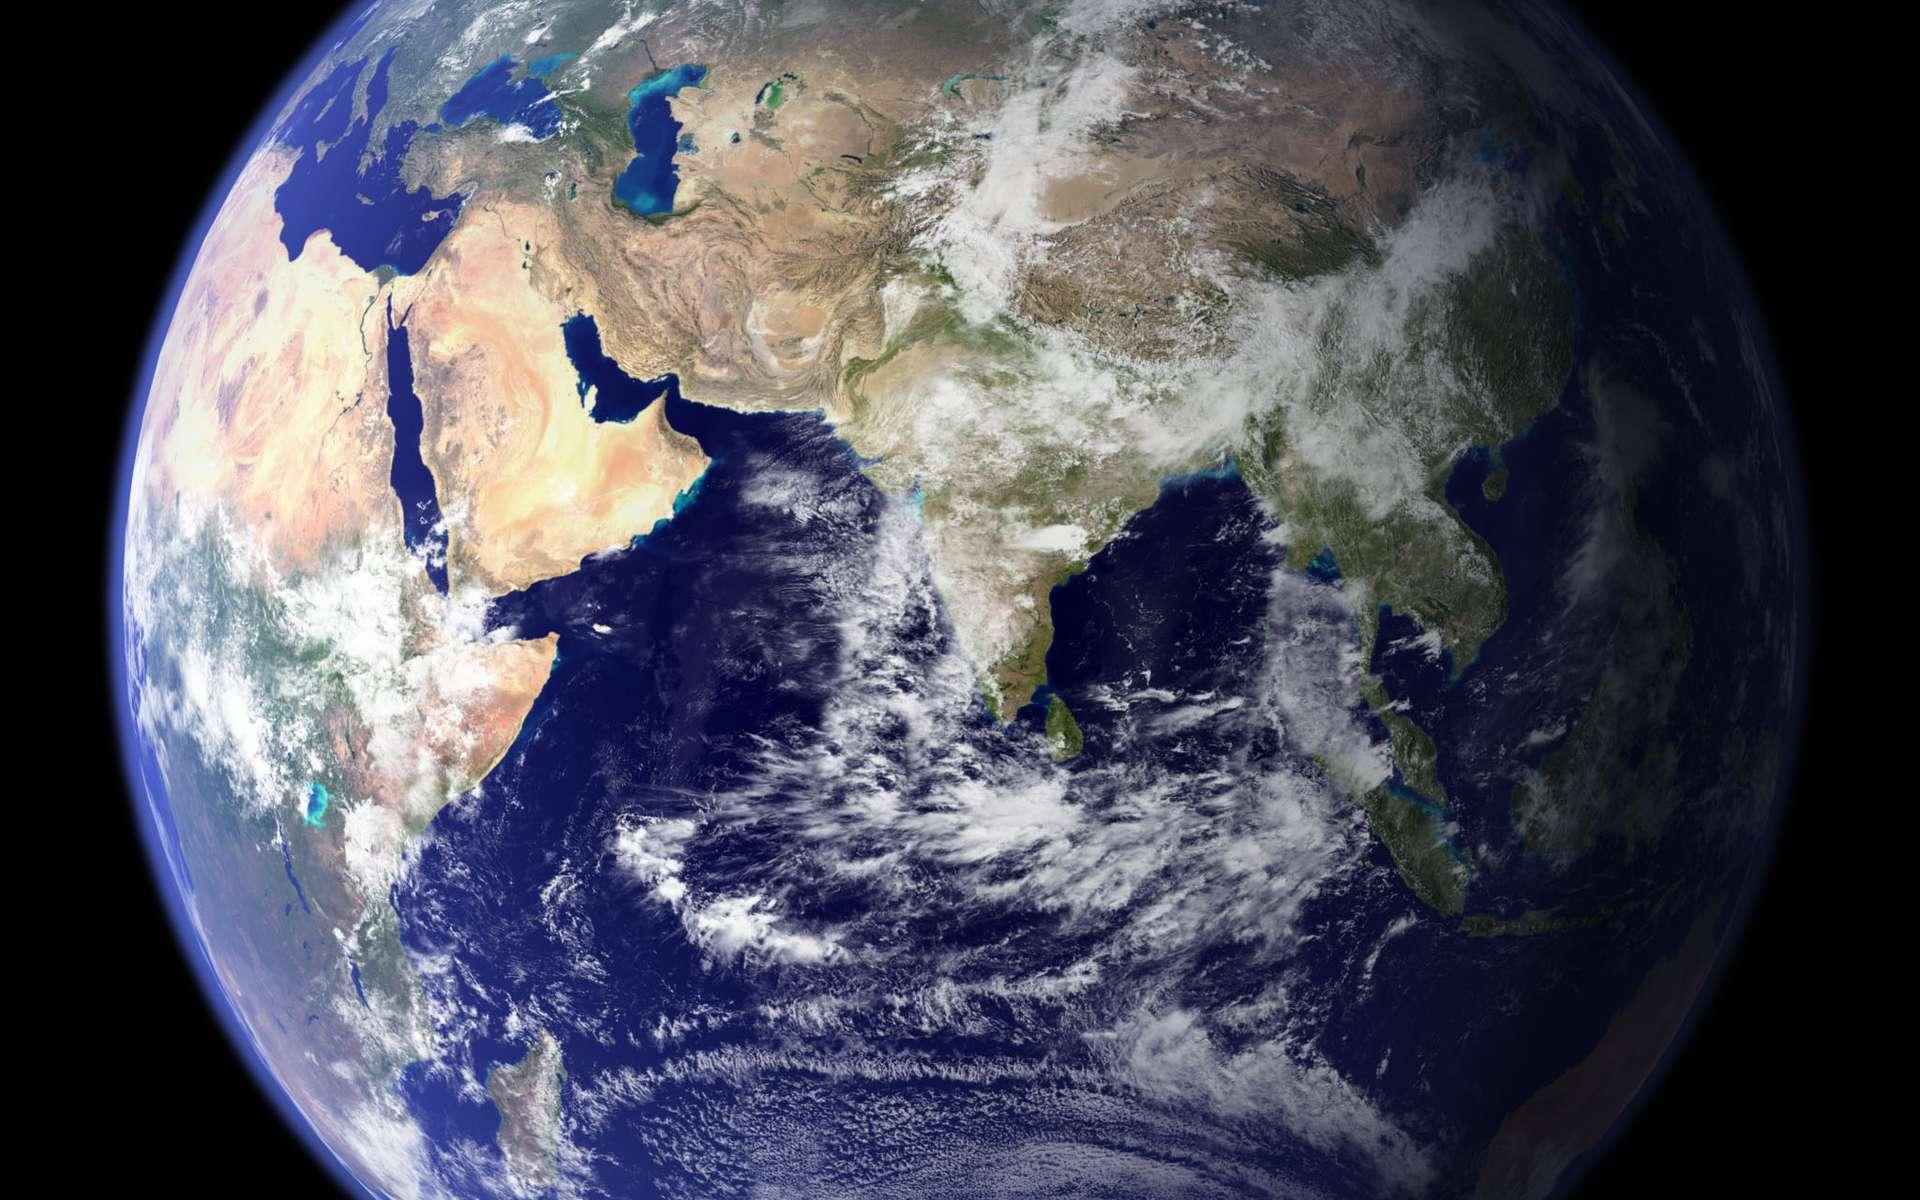 La Terre vue depuis l'espace. Sa composition interne se révèle lentement grâce aux ondes sismiques et à l'étude de ses champs de pesanteur et magnétique. © Nasa